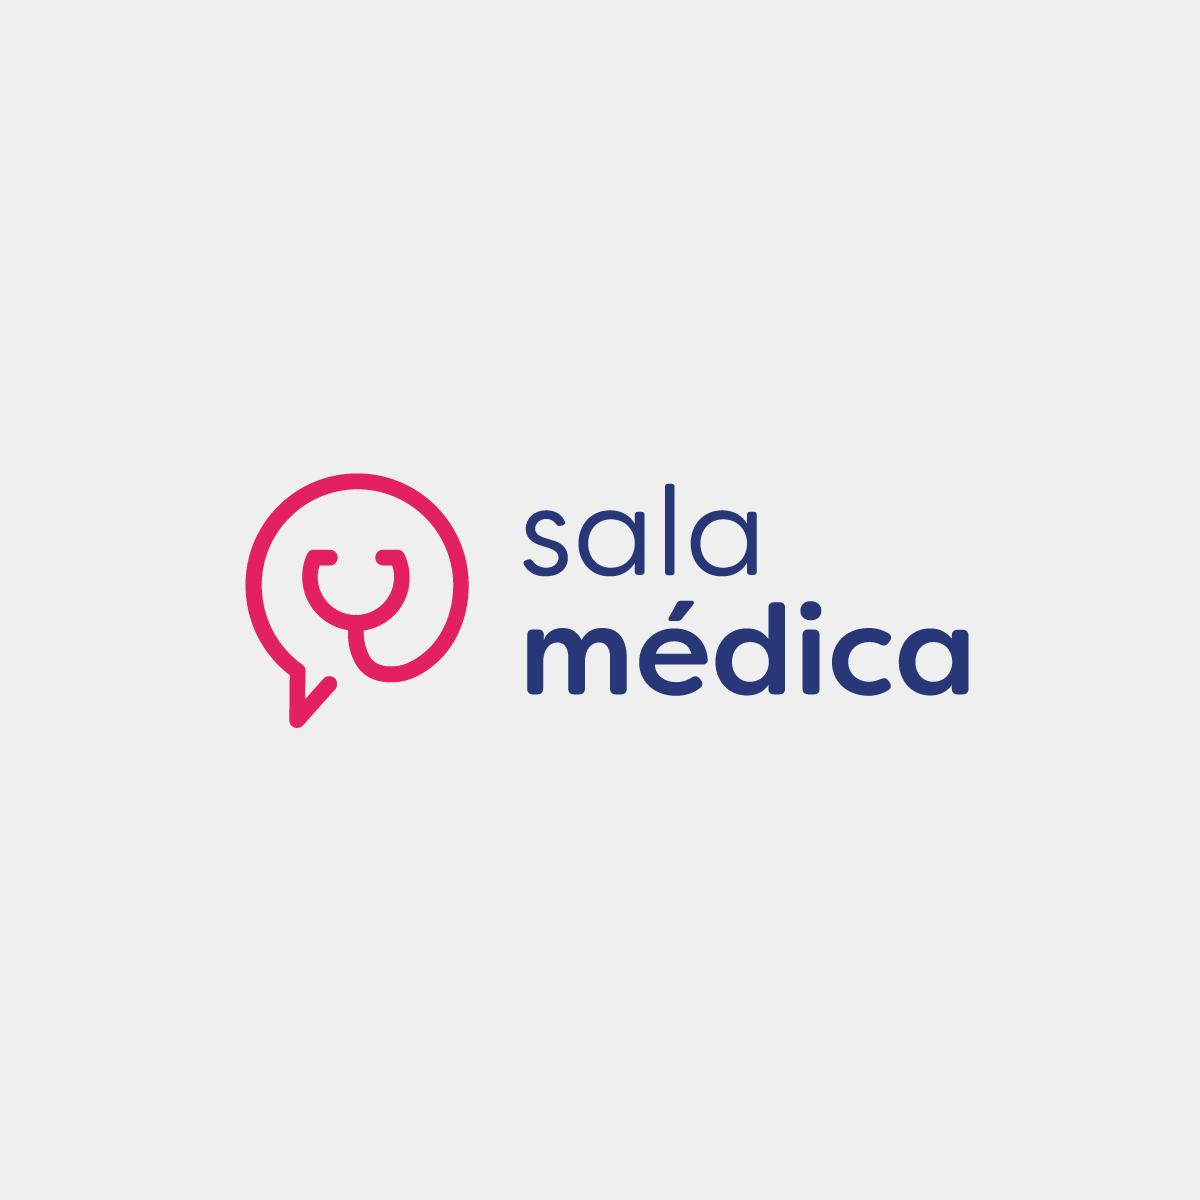 https://brasiltelemedicina.com.br/wp-content/uploads/2016/07/Produtos_SalaMédica-1200x1200.png